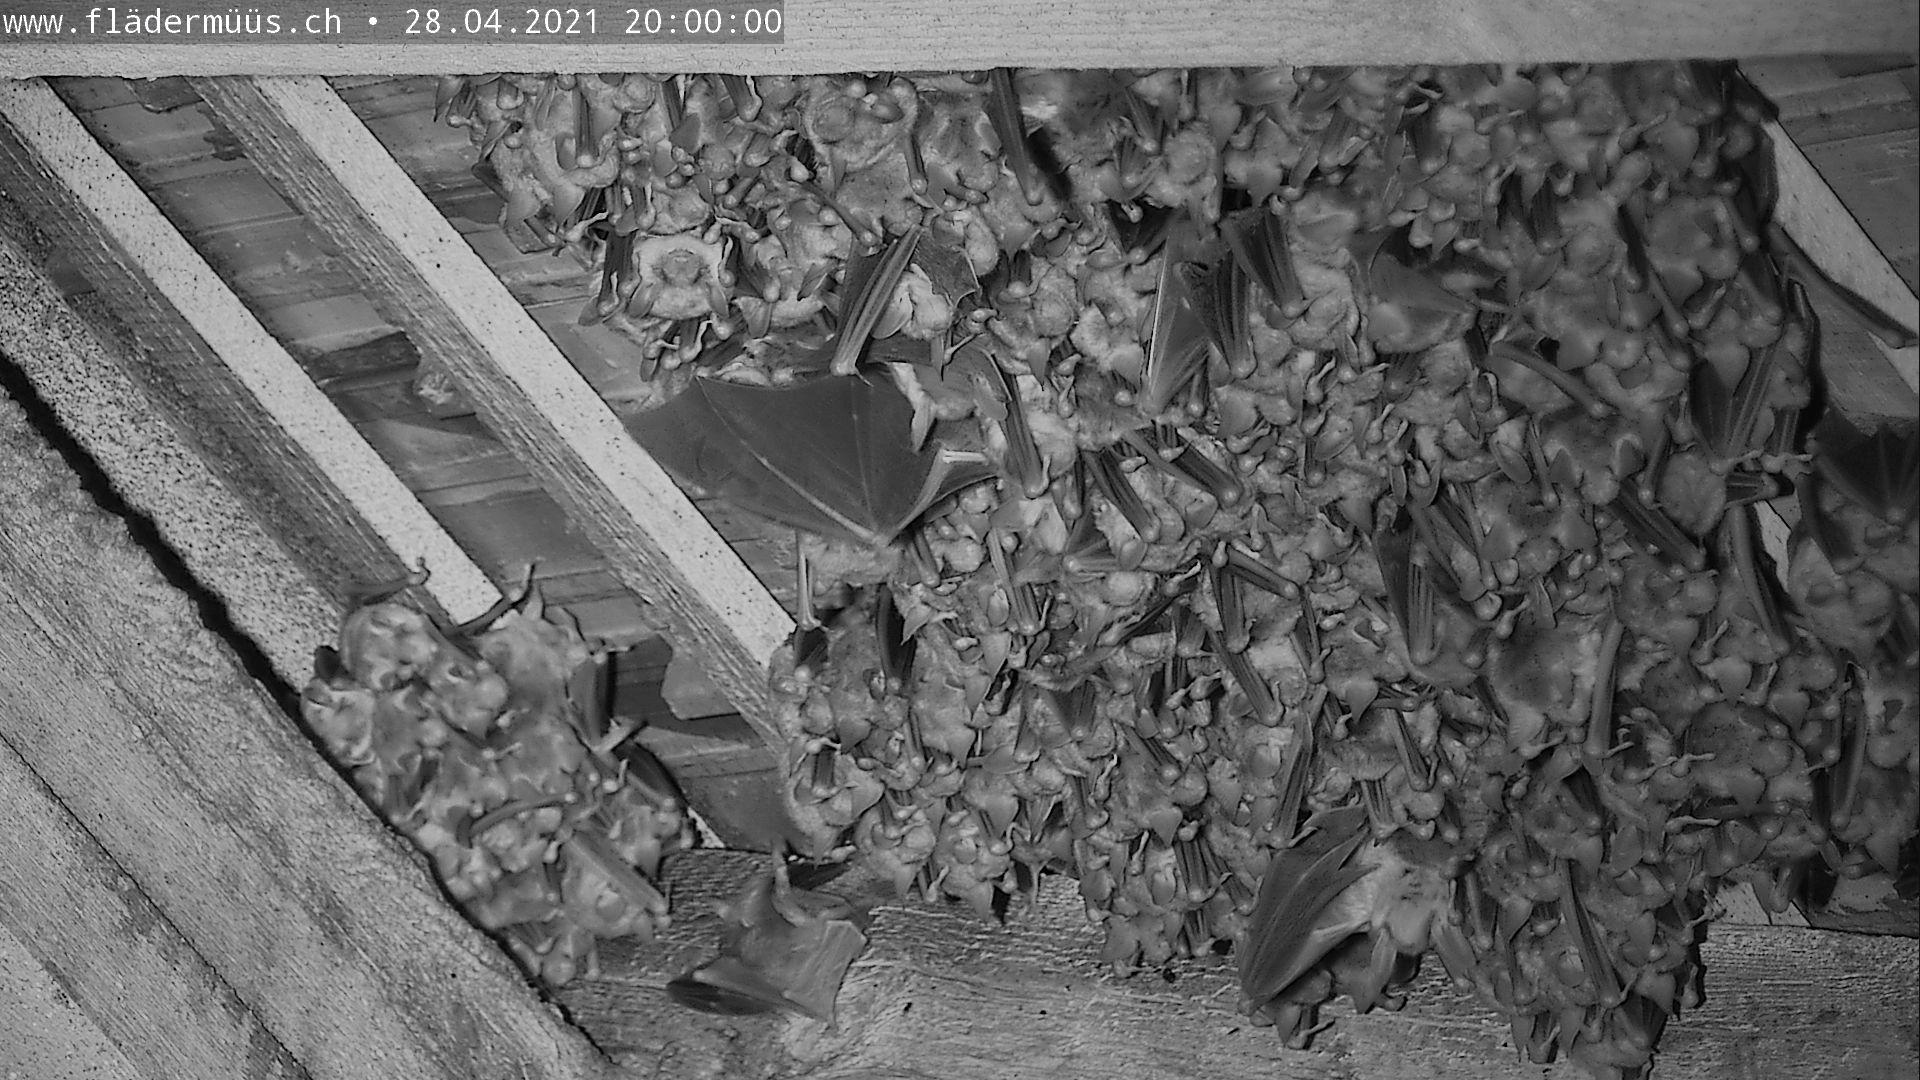 Bild aus der Mausohrwochenstube in Beggingen tagesaktuell 20 Uhr abends